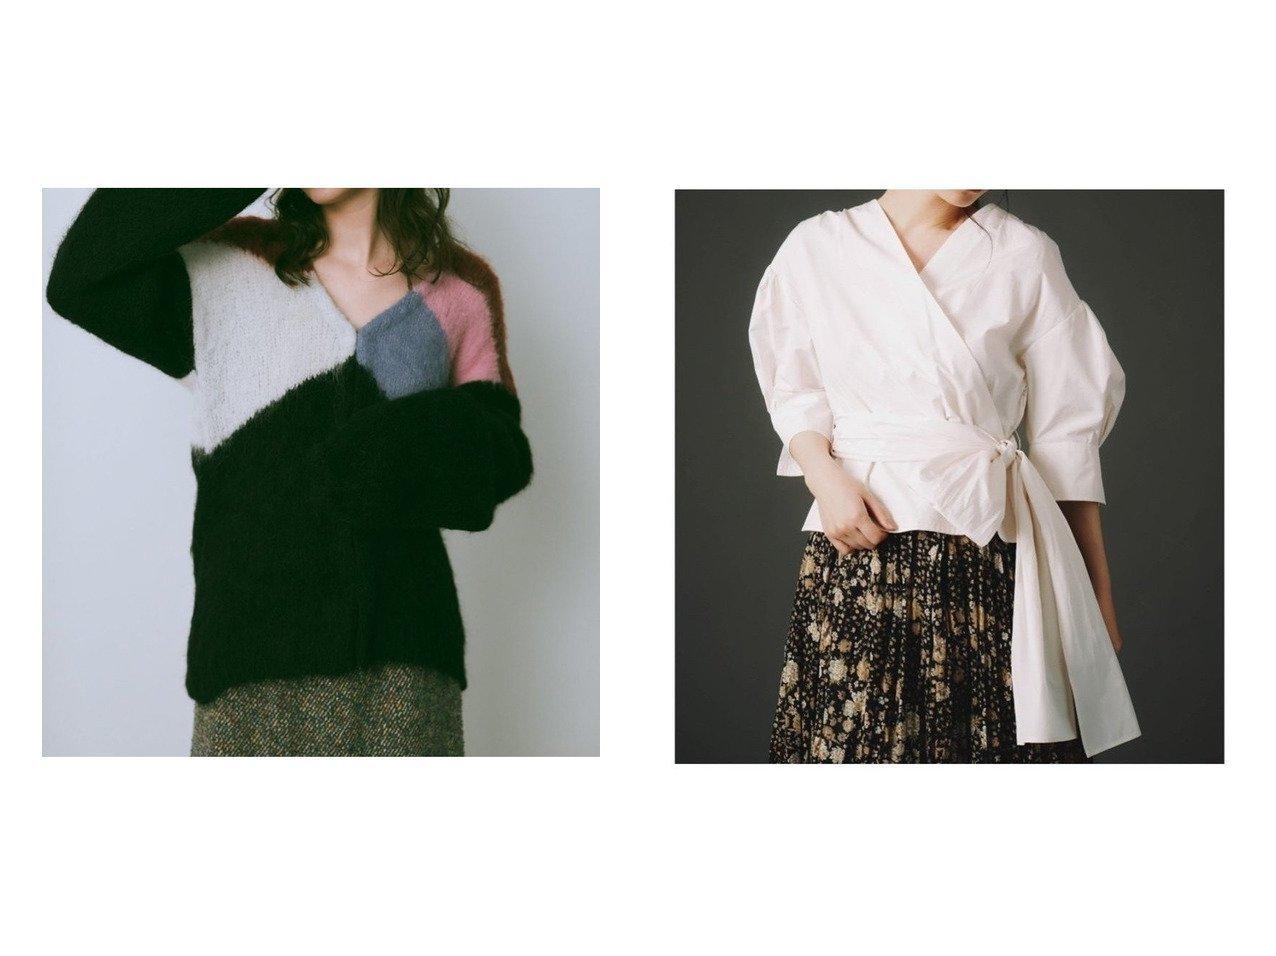 【CELFORD/セルフォード】のカシュクールブラウス&【Lily Brown/リリーブラウン】のパネルニットカーディガン トップス・カットソーのおすすめ!人気、トレンド・レディースファッションの通販 おすすめで人気の流行・トレンド、ファッションの通販商品 メンズファッション・キッズファッション・インテリア・家具・レディースファッション・服の通販 founy(ファニー) https://founy.com/ ファッション Fashion レディースファッション WOMEN トップス Tops Tshirt ニット Knit Tops カーディガン Cardigans シャツ/ブラウス Shirts Blouses カーディガン シンプル ハンド フロント ブロック ミドル 手編み カフス バランス ビッグ リボン |ID:crp329100000013130